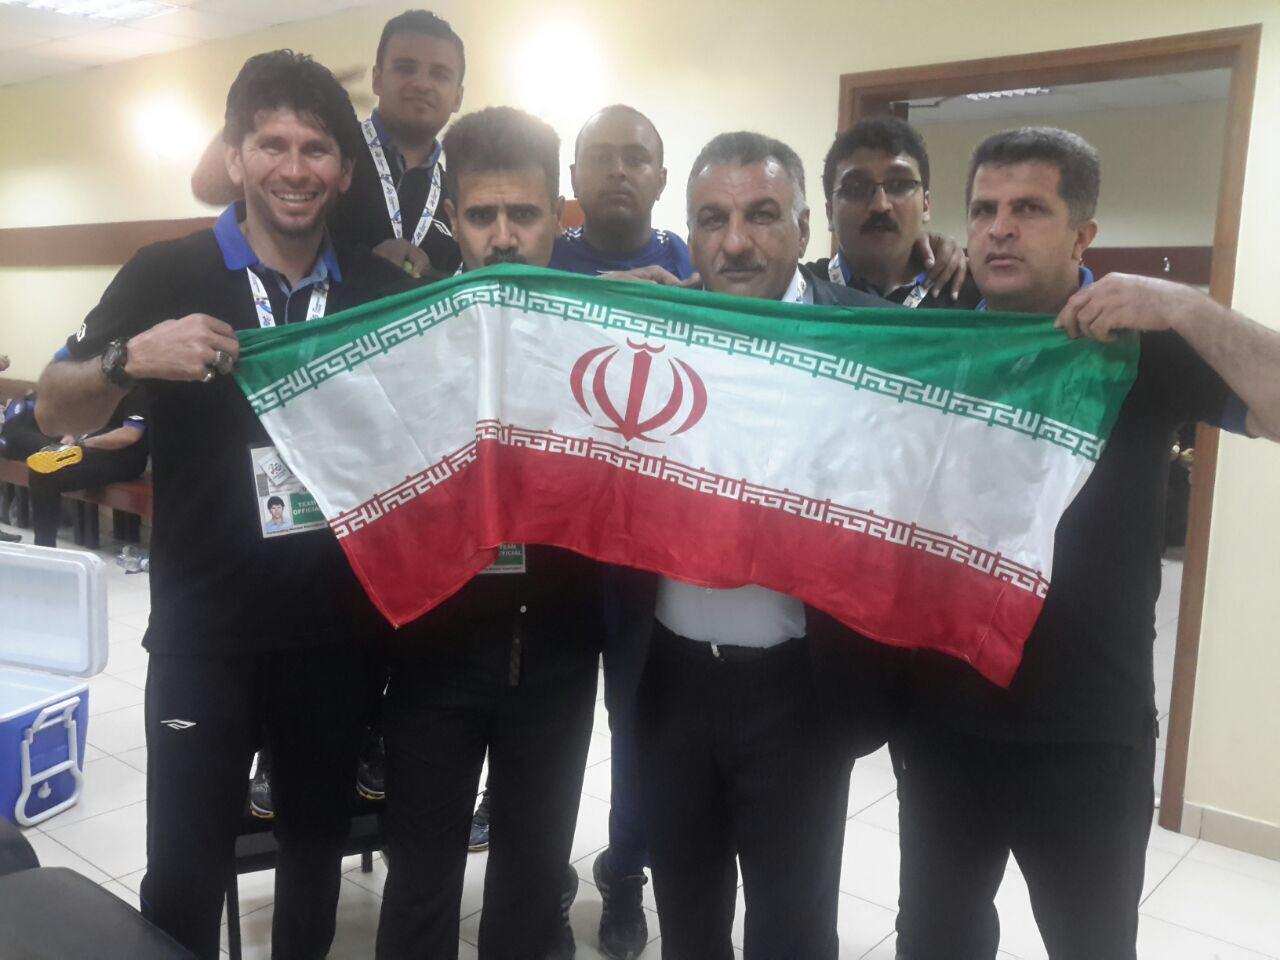 عکس| بوسه بر پرچم پس از پیروزی بزرگ